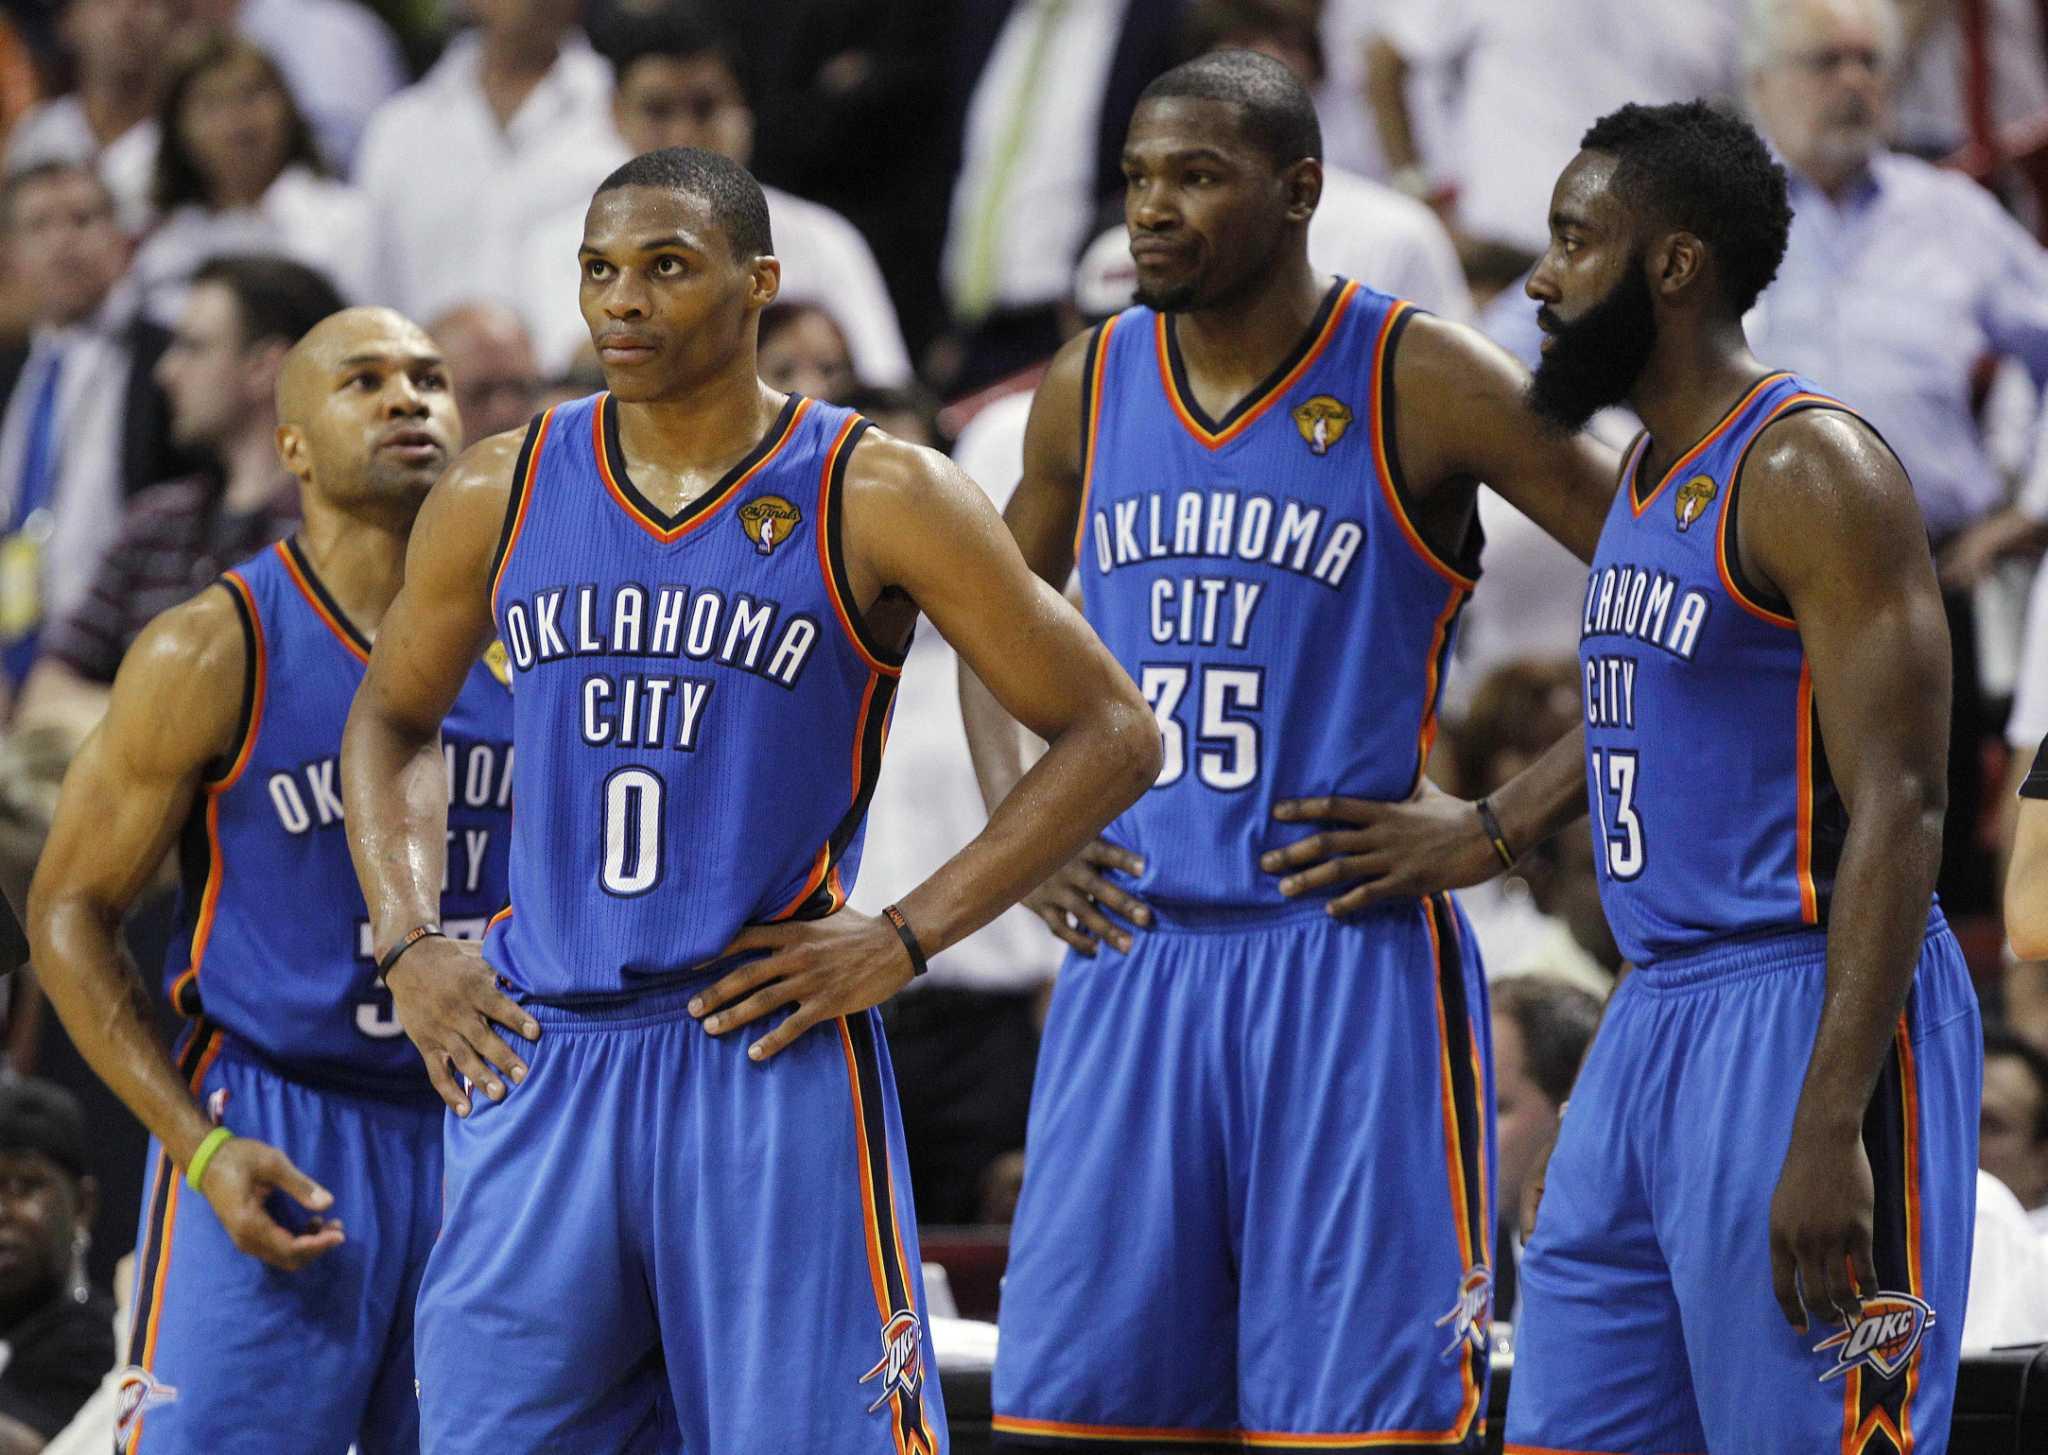 L'ultima relocation nella storia NBA è quella che, nel 2008, ha dato vita agli Oklahoma City Thunder